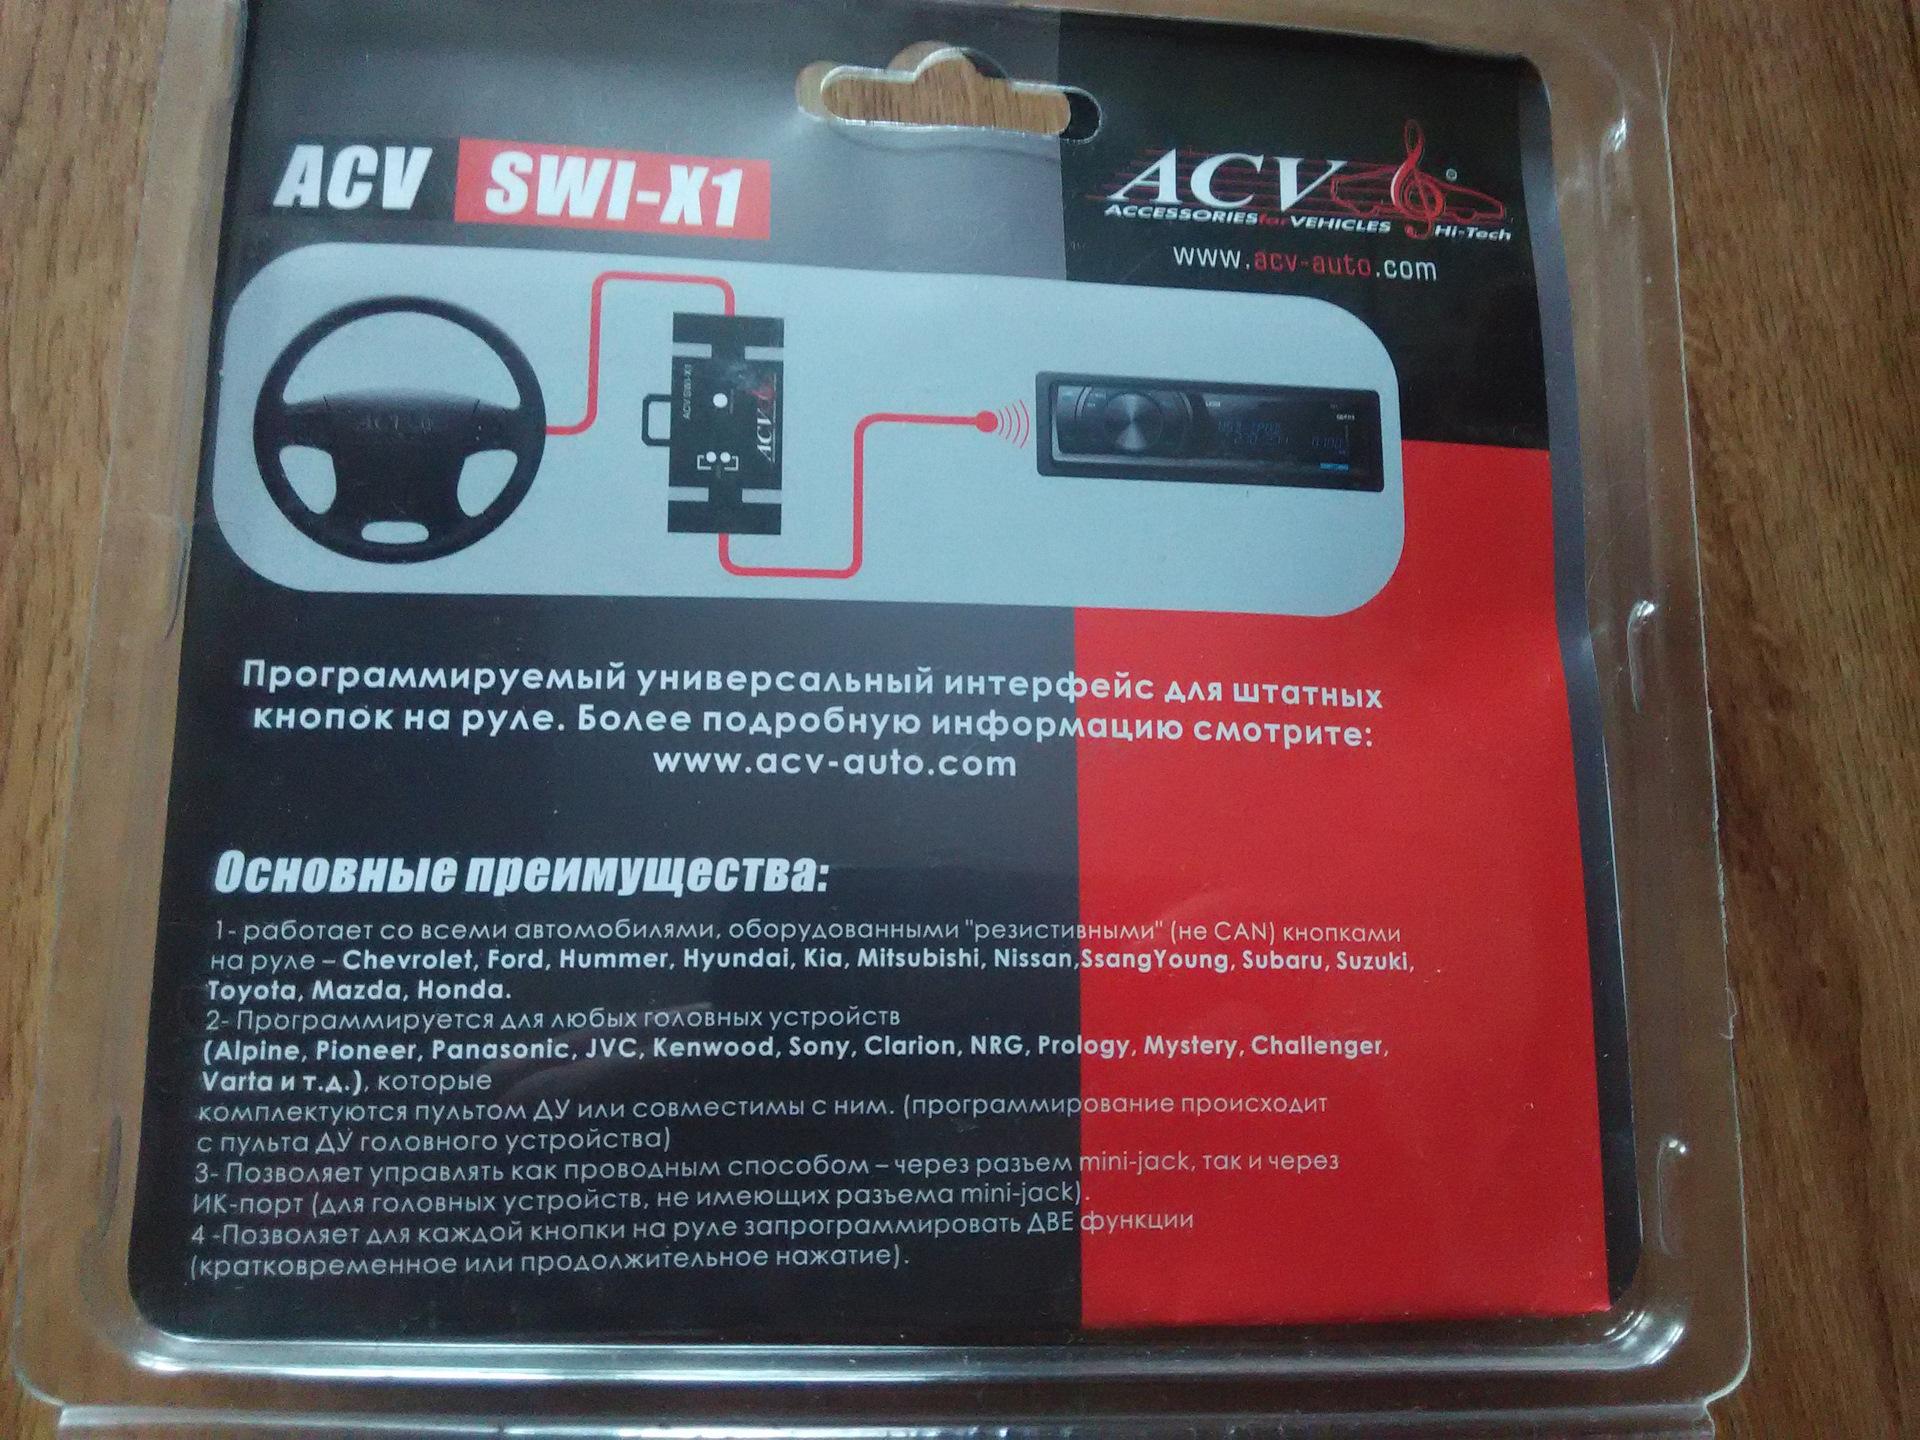 Acv swi x1 схема подключения